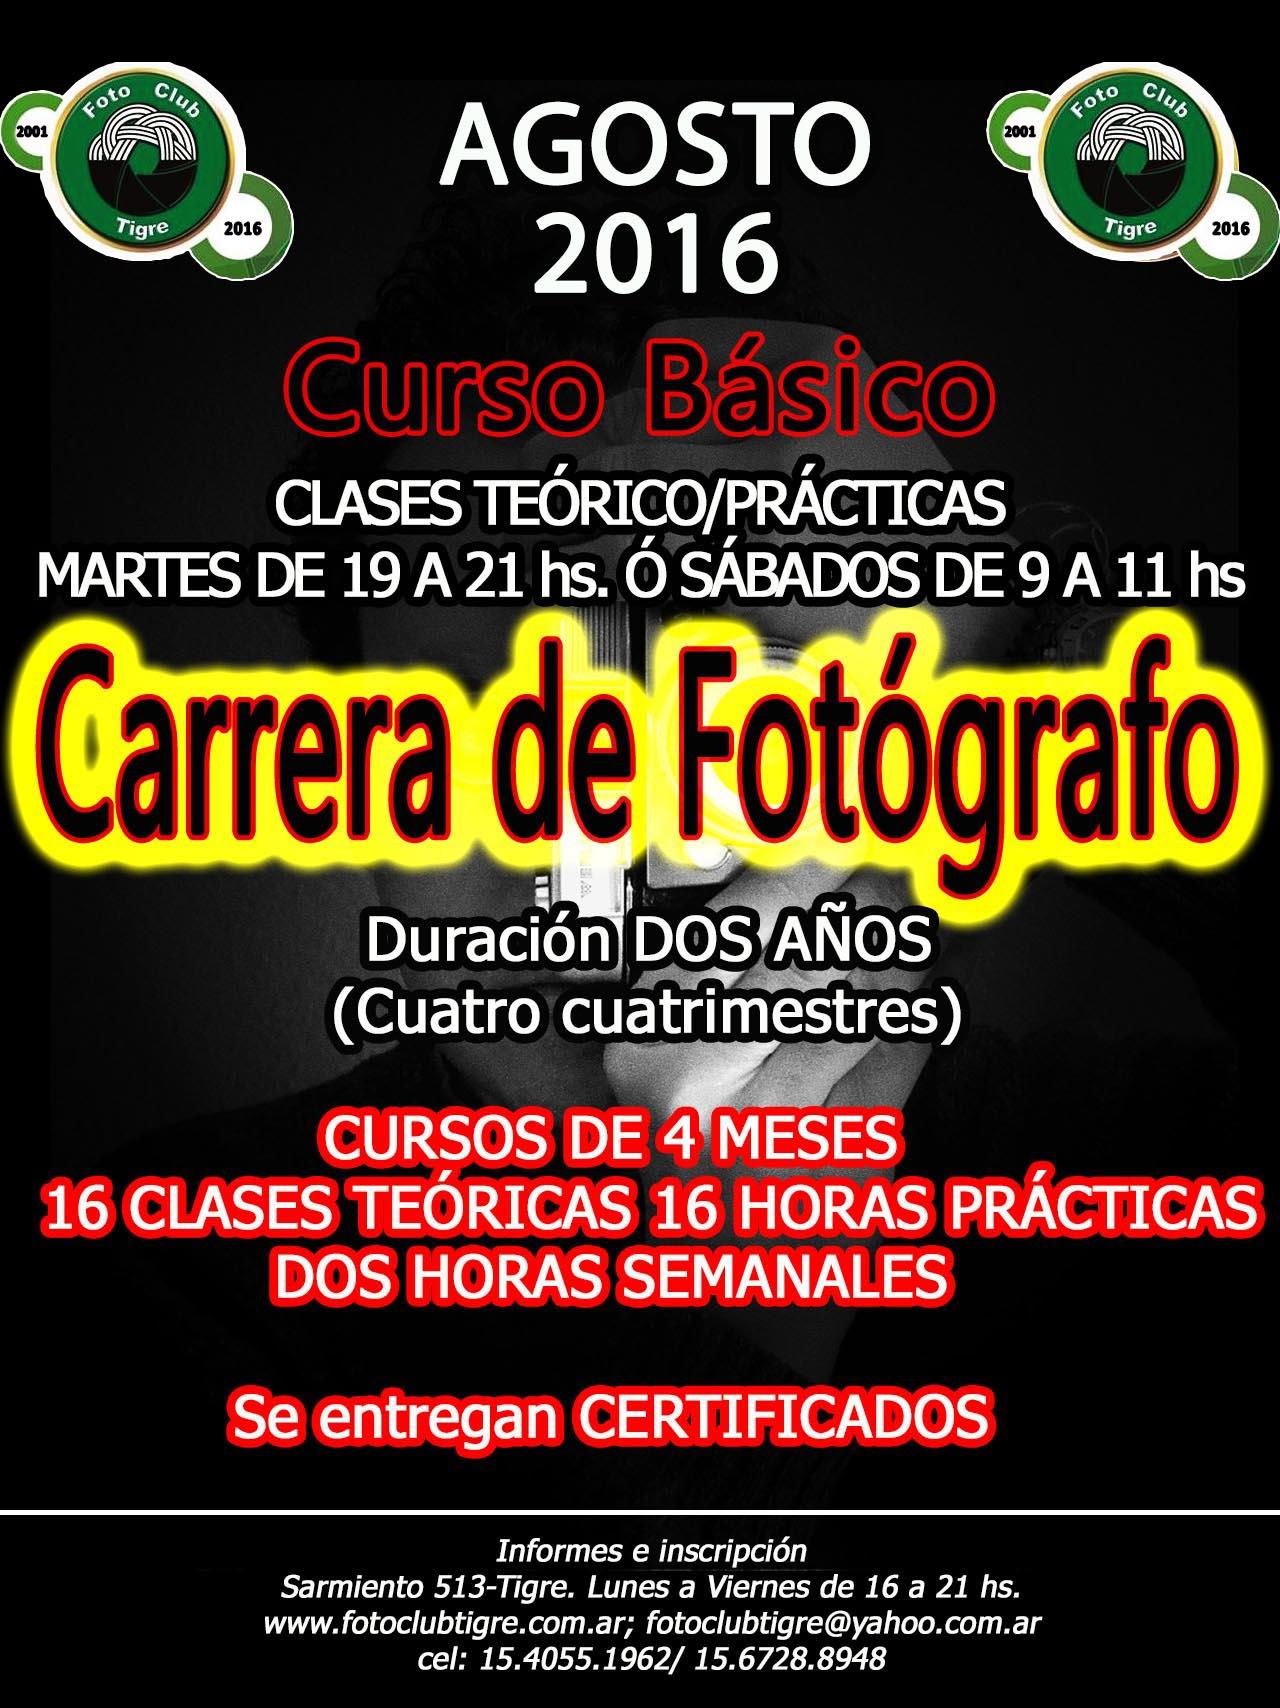 Inscripción Agosto 2016 - Cursos y Carrera de Fotografía.